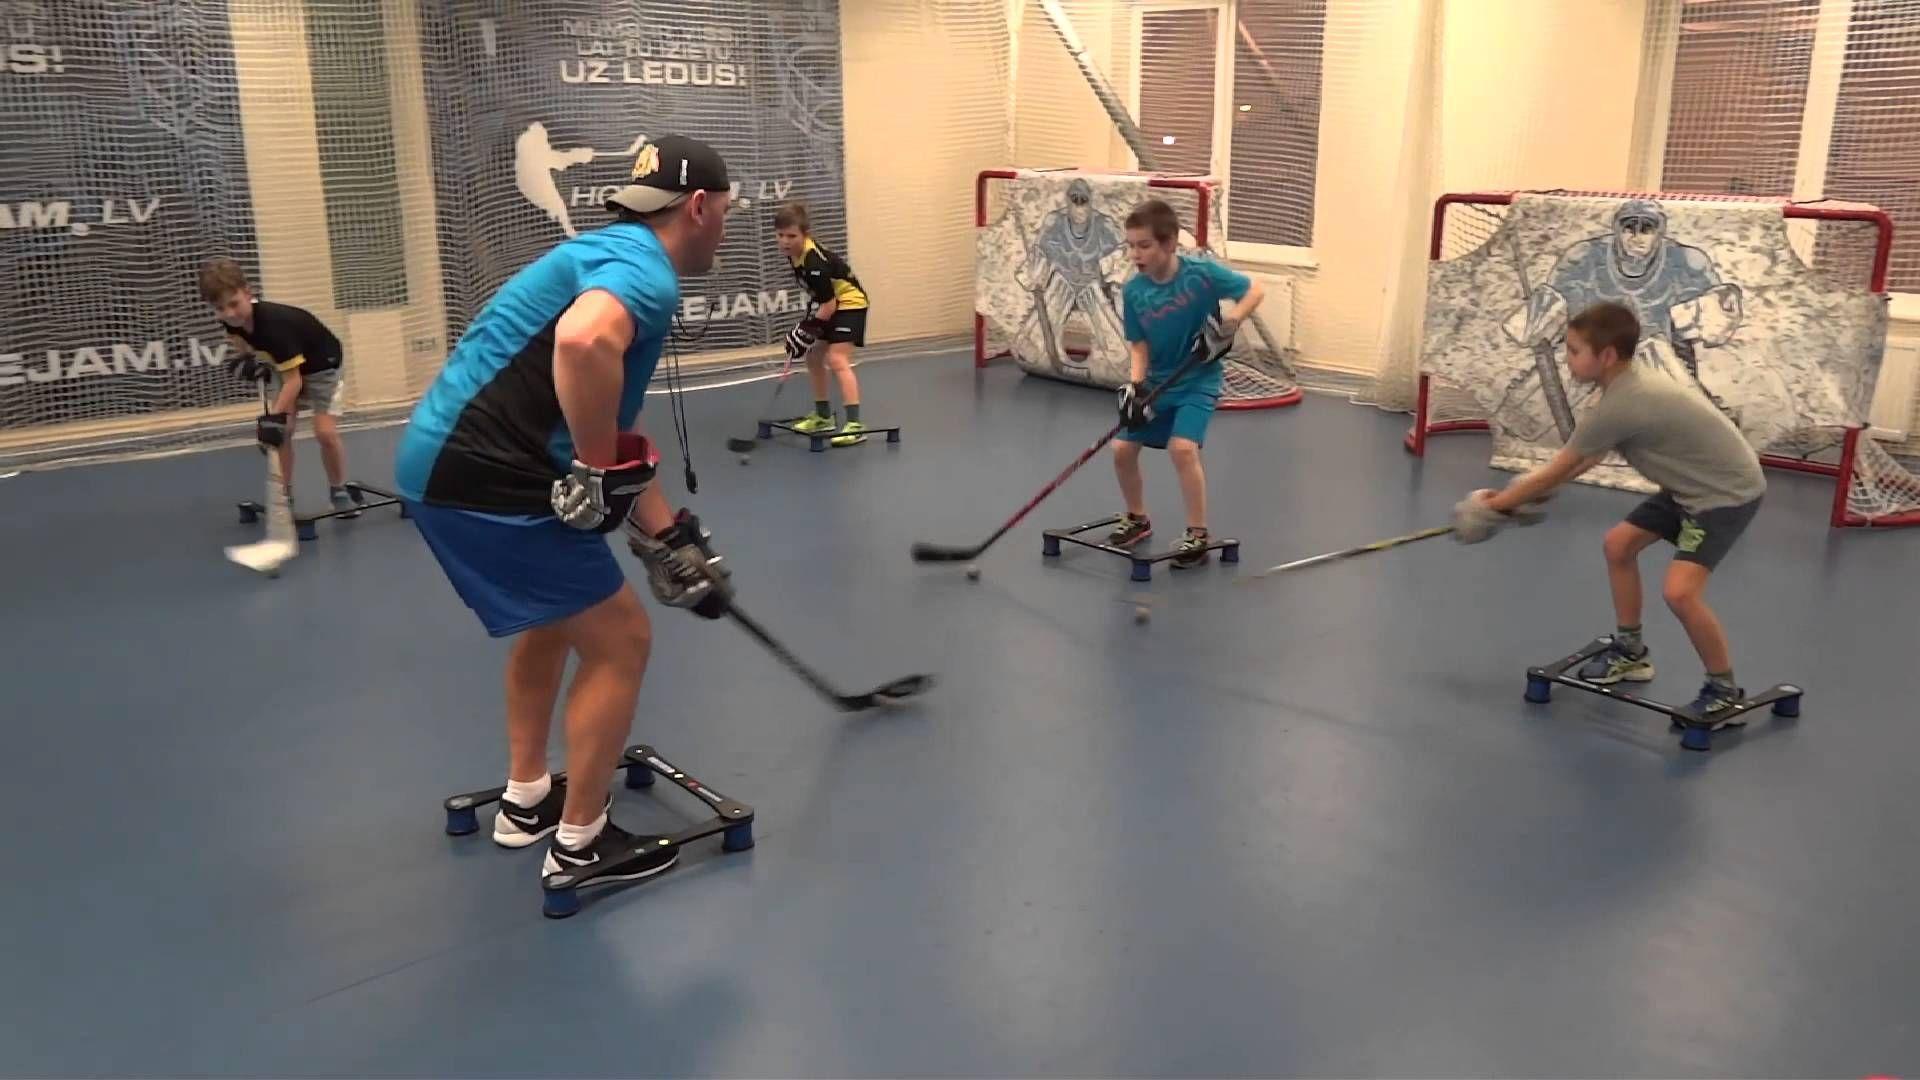 Off Ice Hockey Training Stickhandling Workout Hockey Training Hockey Drills Ice Hockey